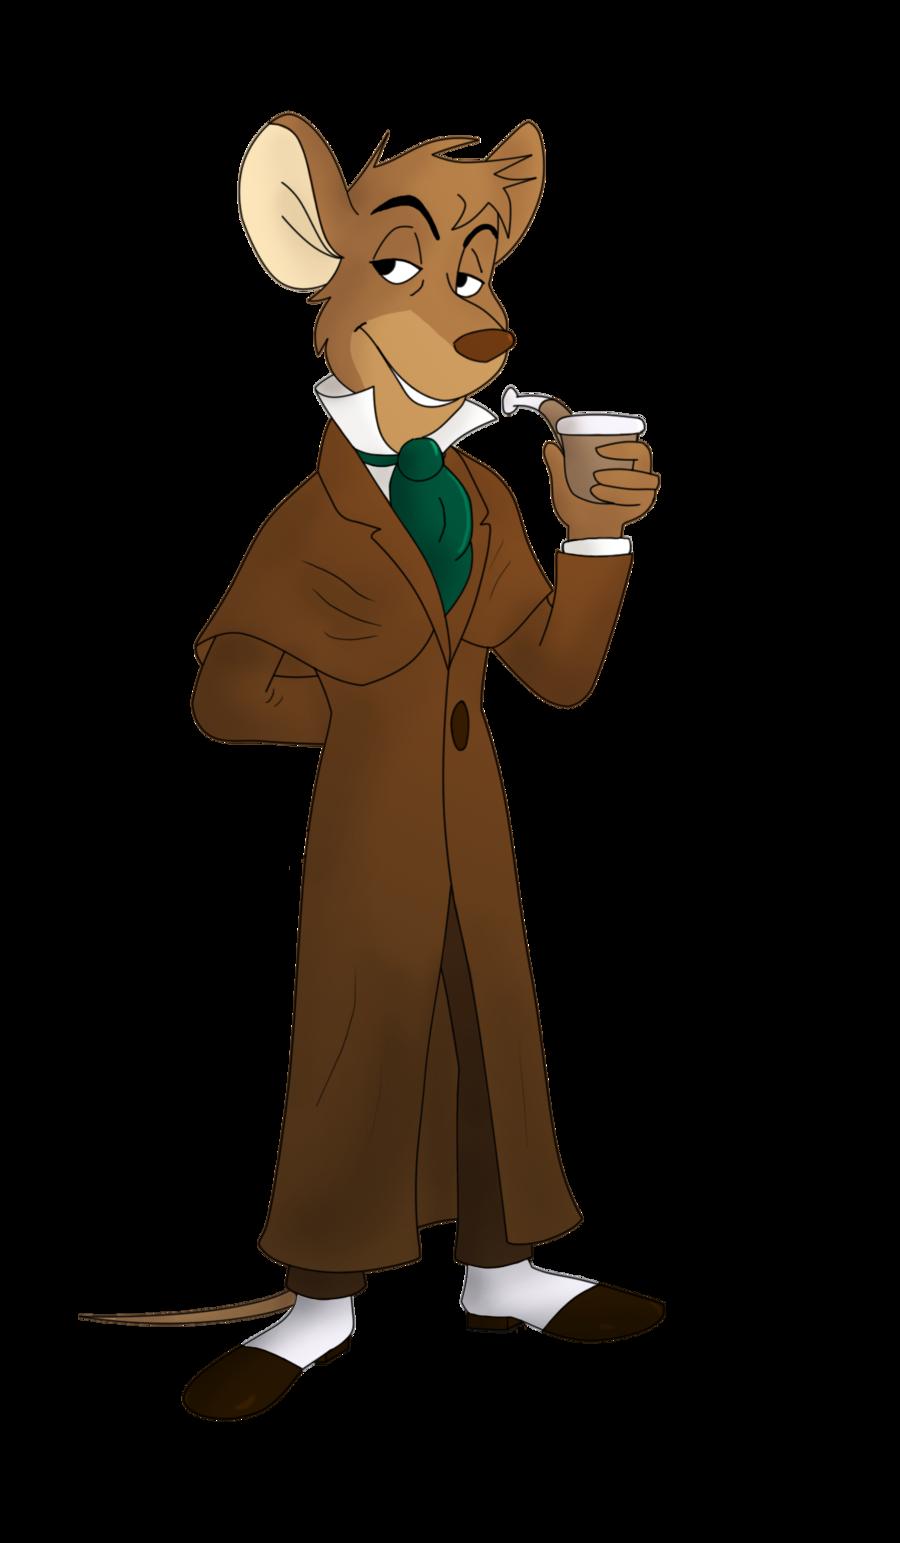 Basil of baker street. Detective clipart observant